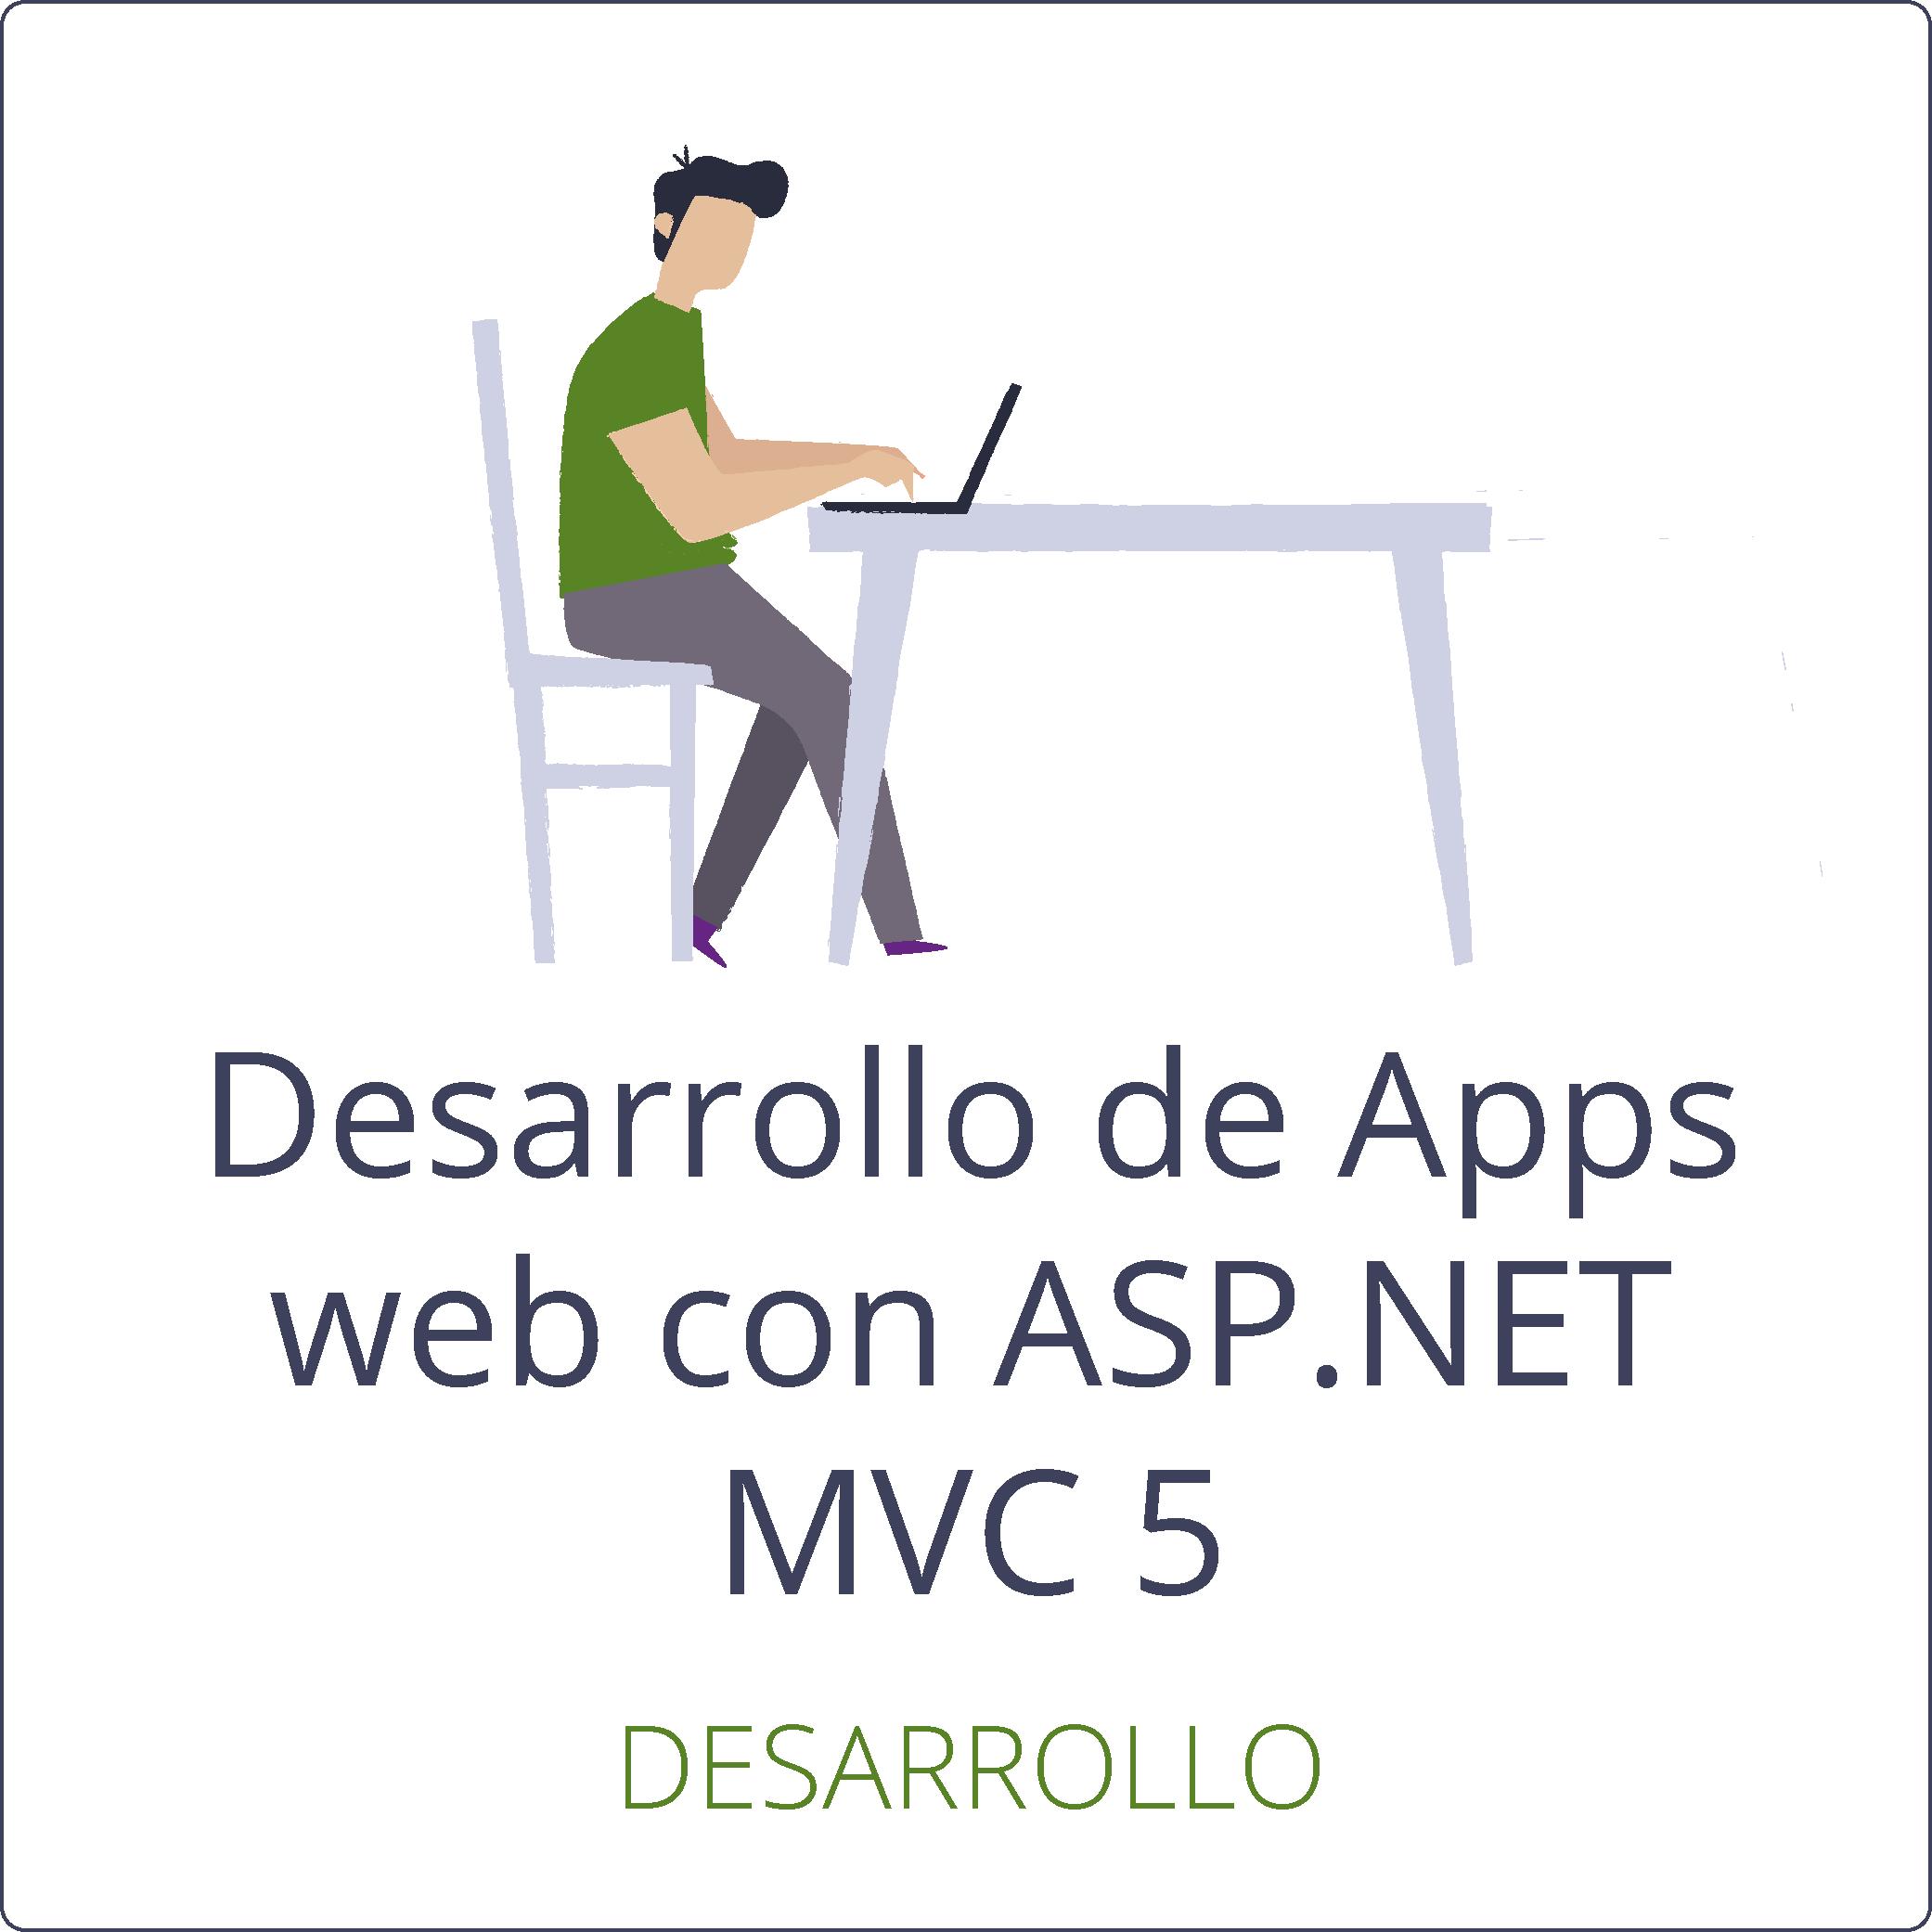 Desarrollo de Aplicaciones Web con ASP.NET MVC